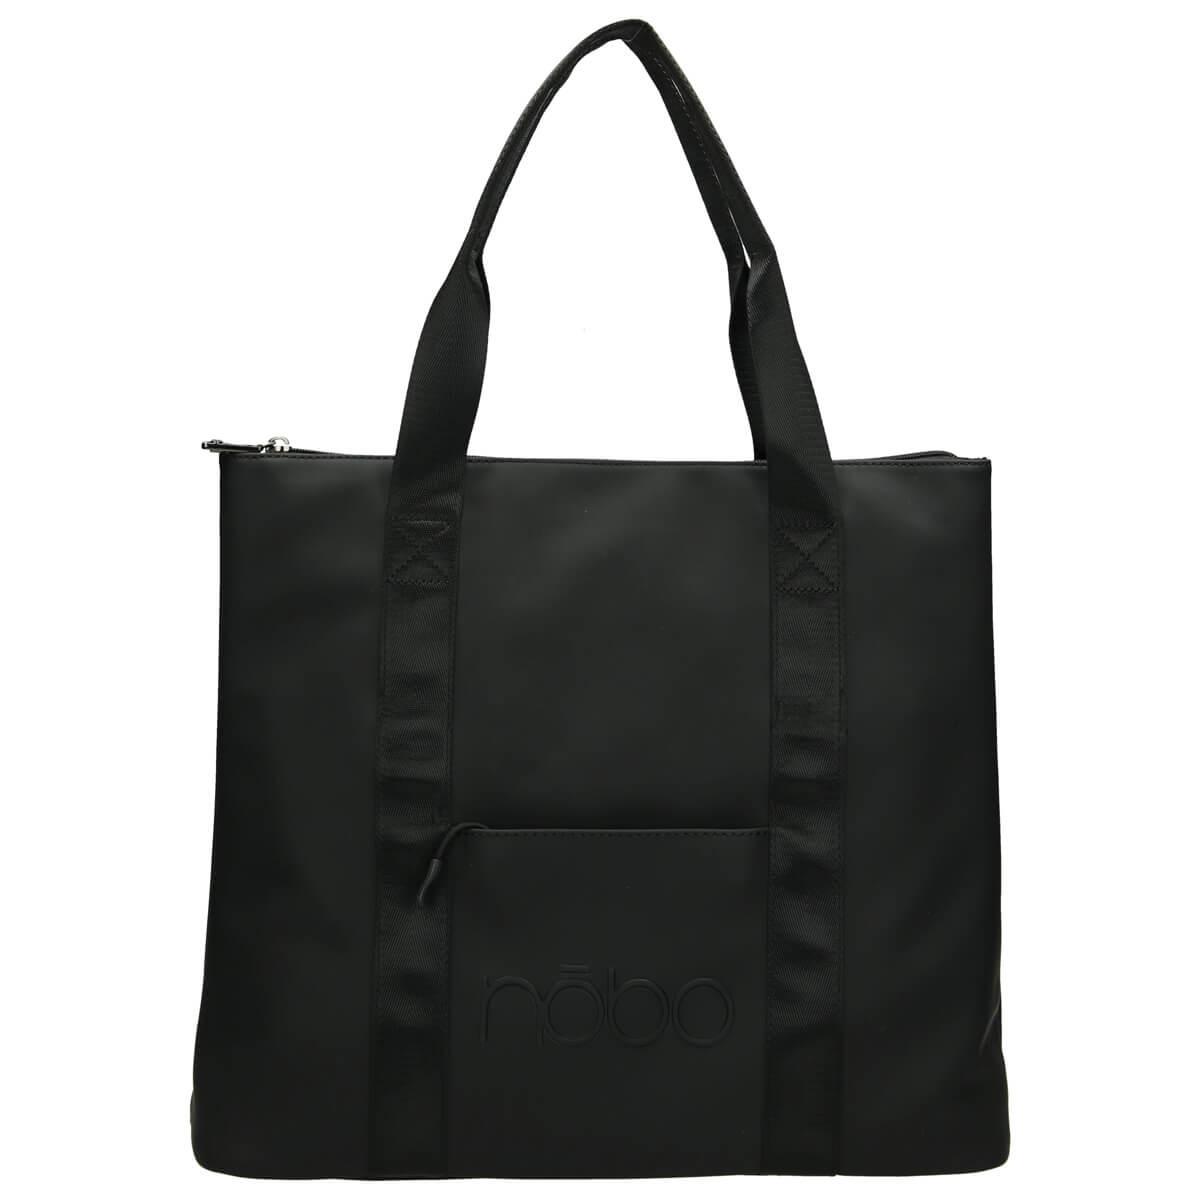 Nobo Woman's Bag NBAG-I0960-C020